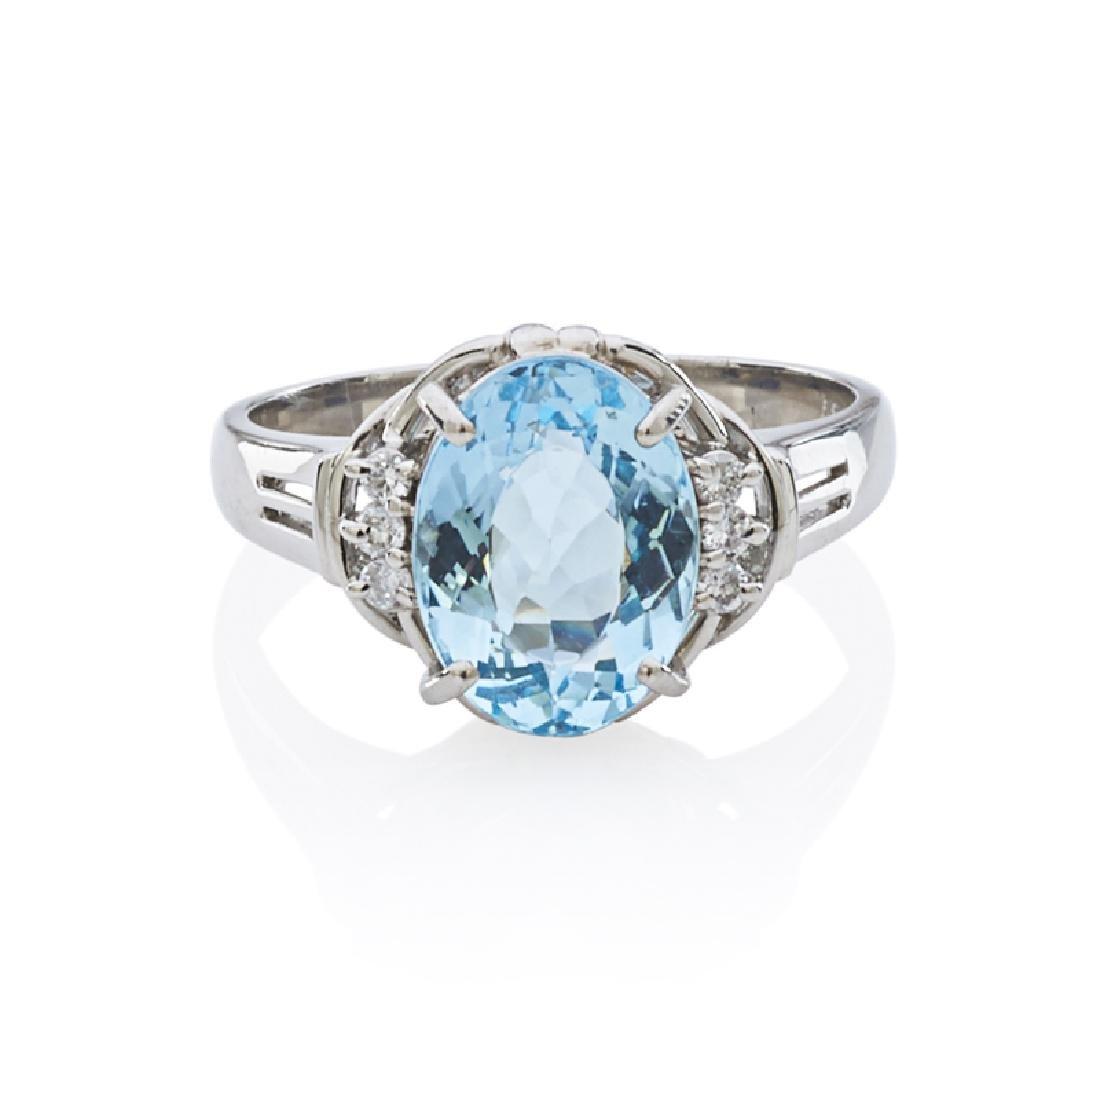 AQUAMARINE, DIAMOND & PLATINUM RING